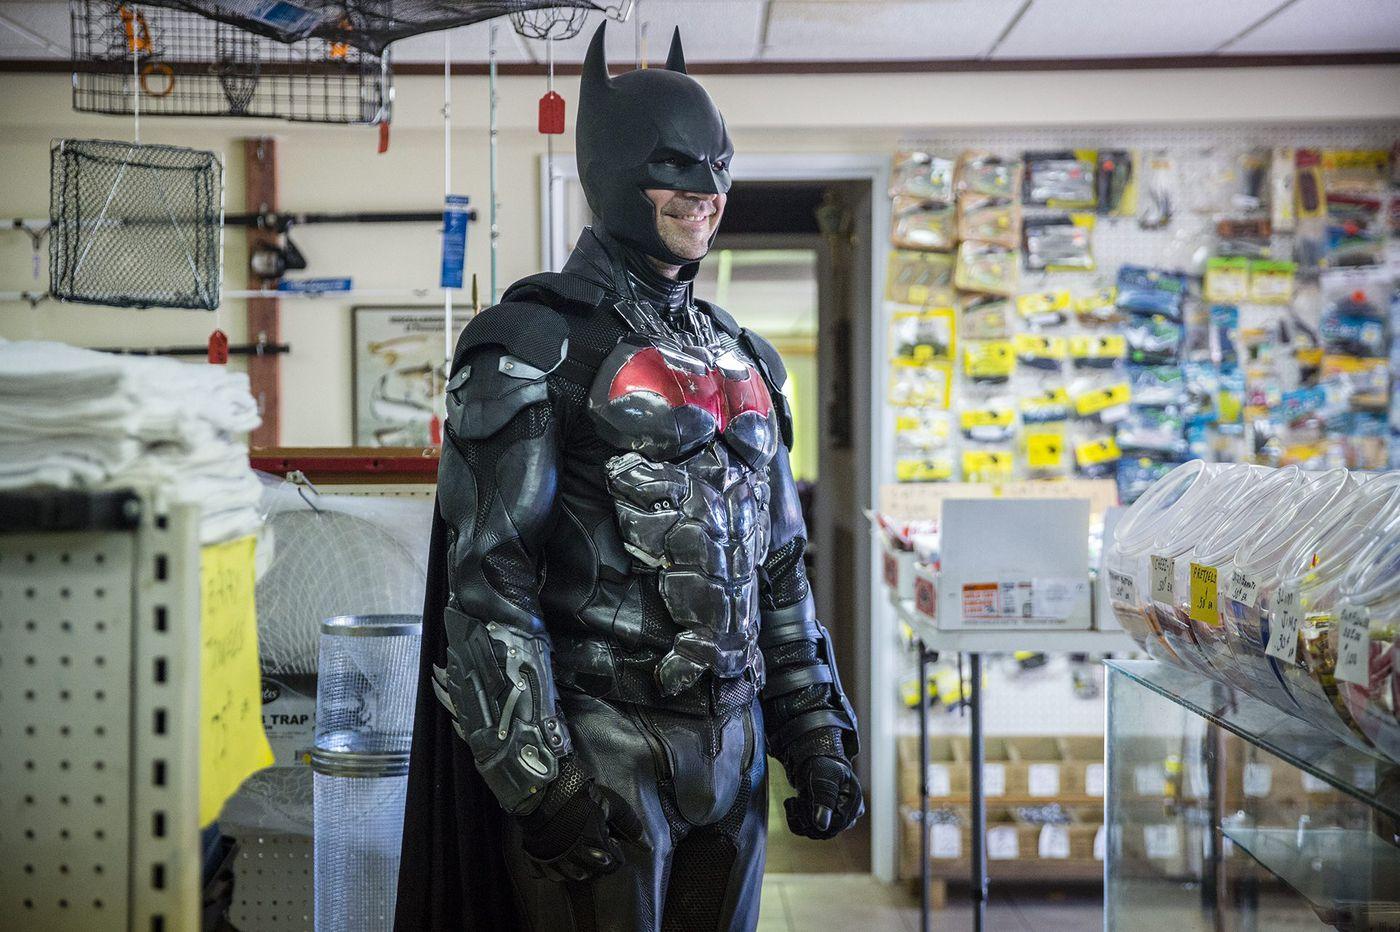 Bucks County Batman fights petty crime in a $12k Batsuit | We the People